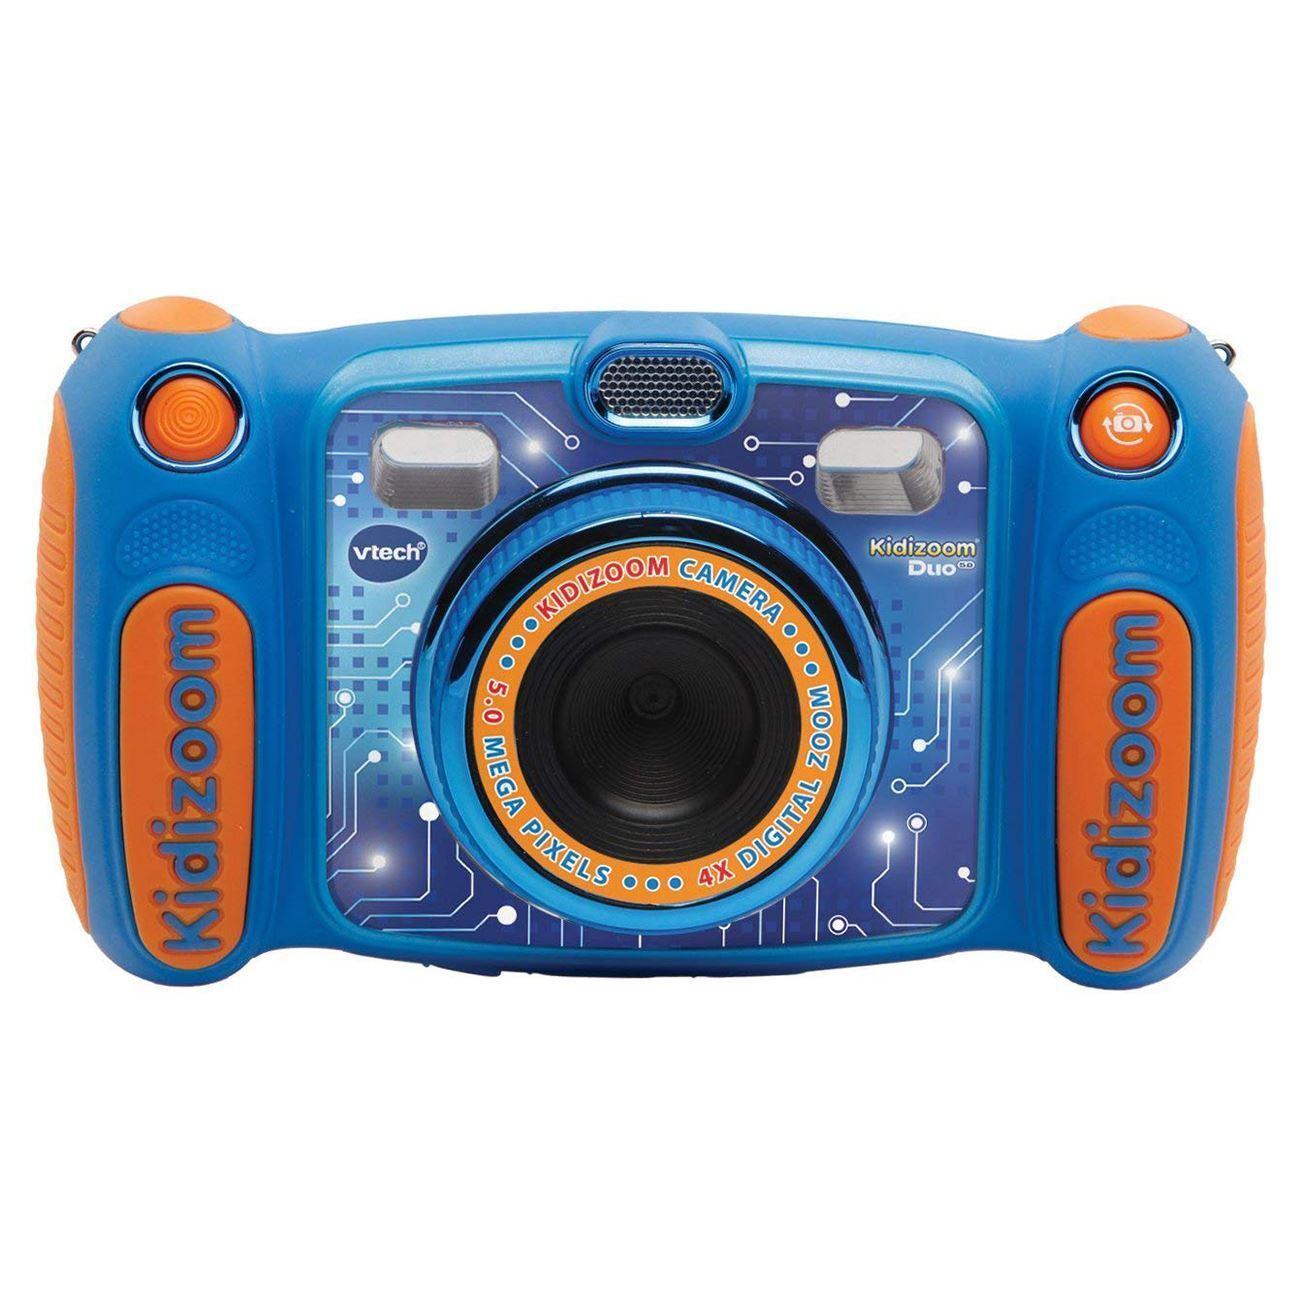 Blau Vtech Kidizoom Duo 5.0 Digitalkamera Selfies Selfies Selfies Fotos Video Spaß Kinder 69149e